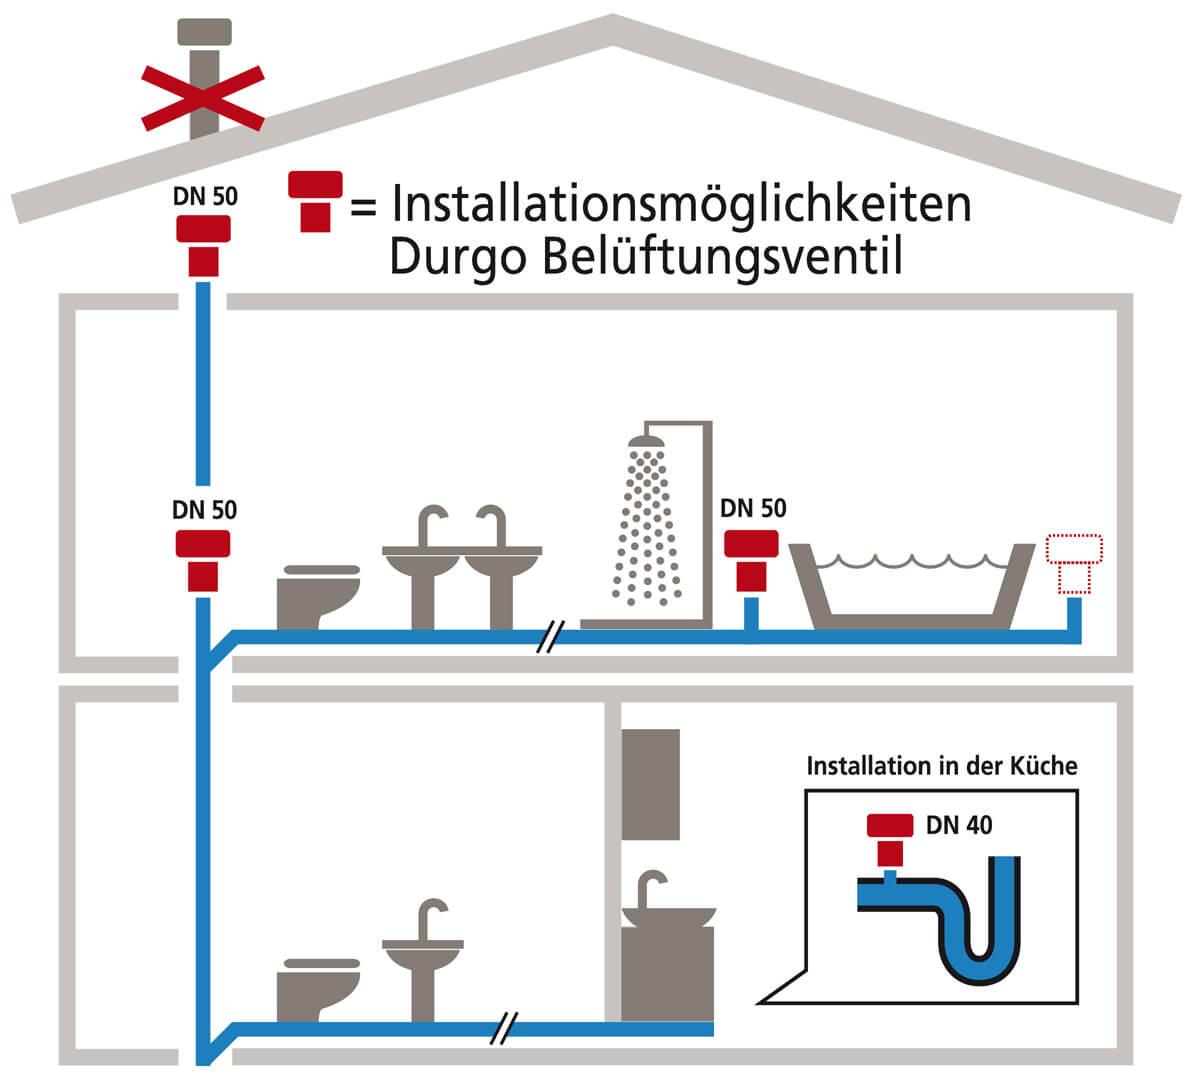 Top Belüftungsventil Abwasserleitungen DN20 - sanitaer-produkte.de QL61